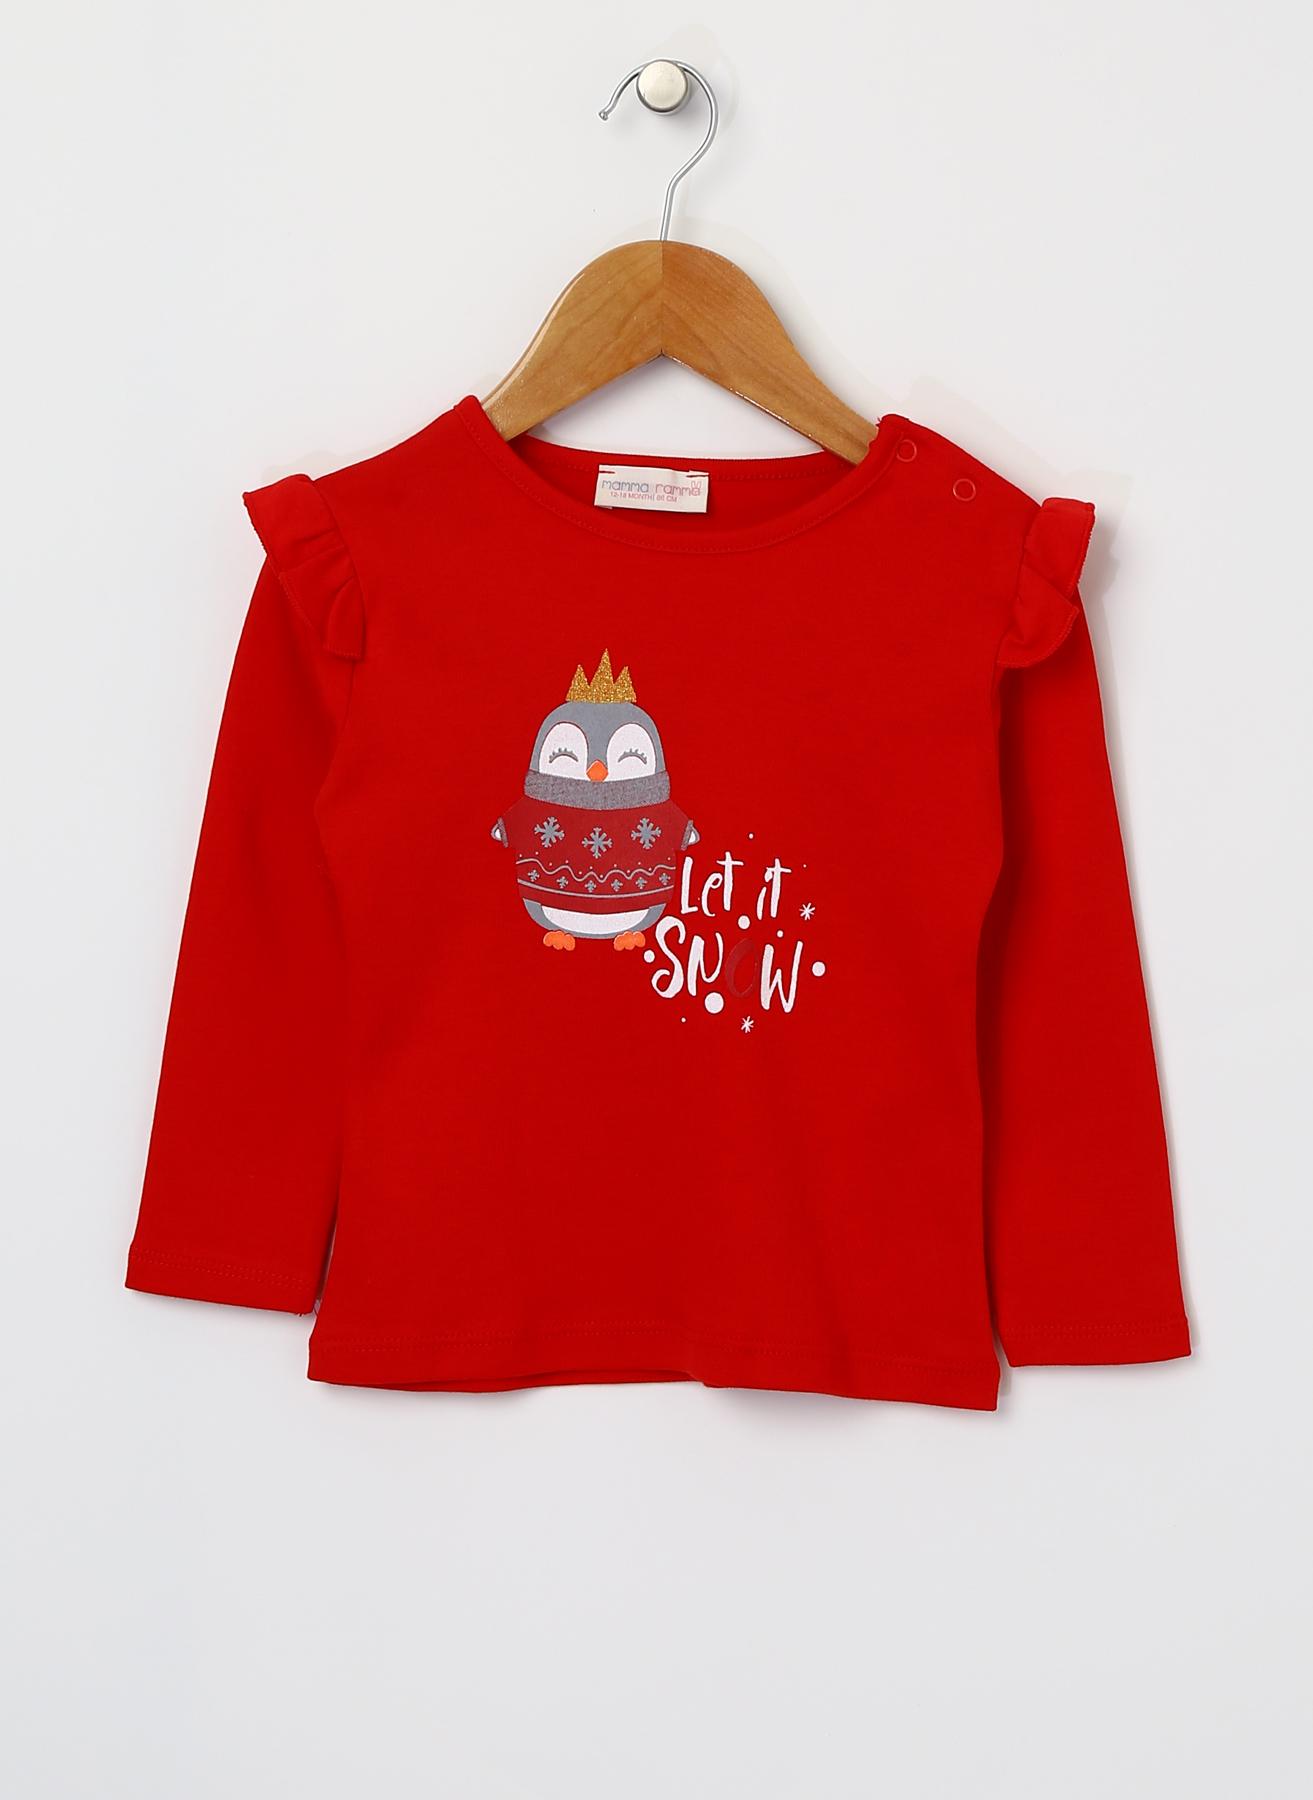 Mammaramma Kız Bebek Baskılı Kırmızı T-Shirt 9 Ay 5001823021002 Ürün Resmi